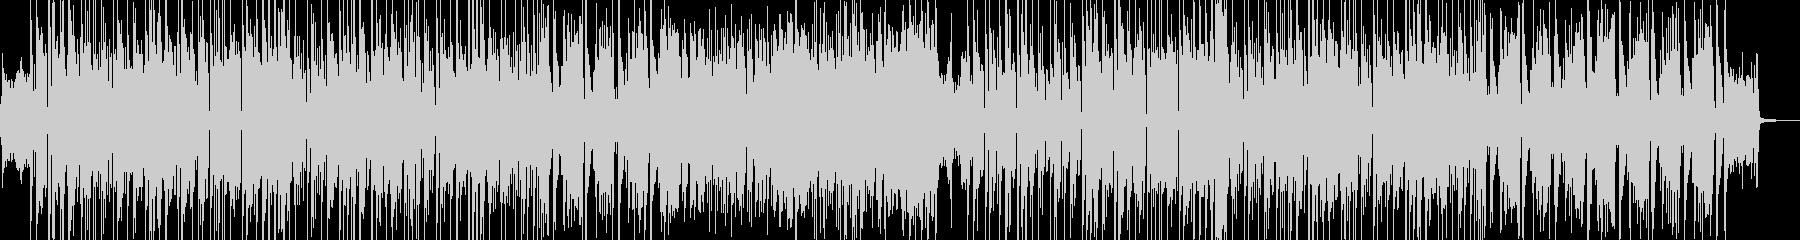 琴・三味線 渋いR&Bポップ 長尺の未再生の波形